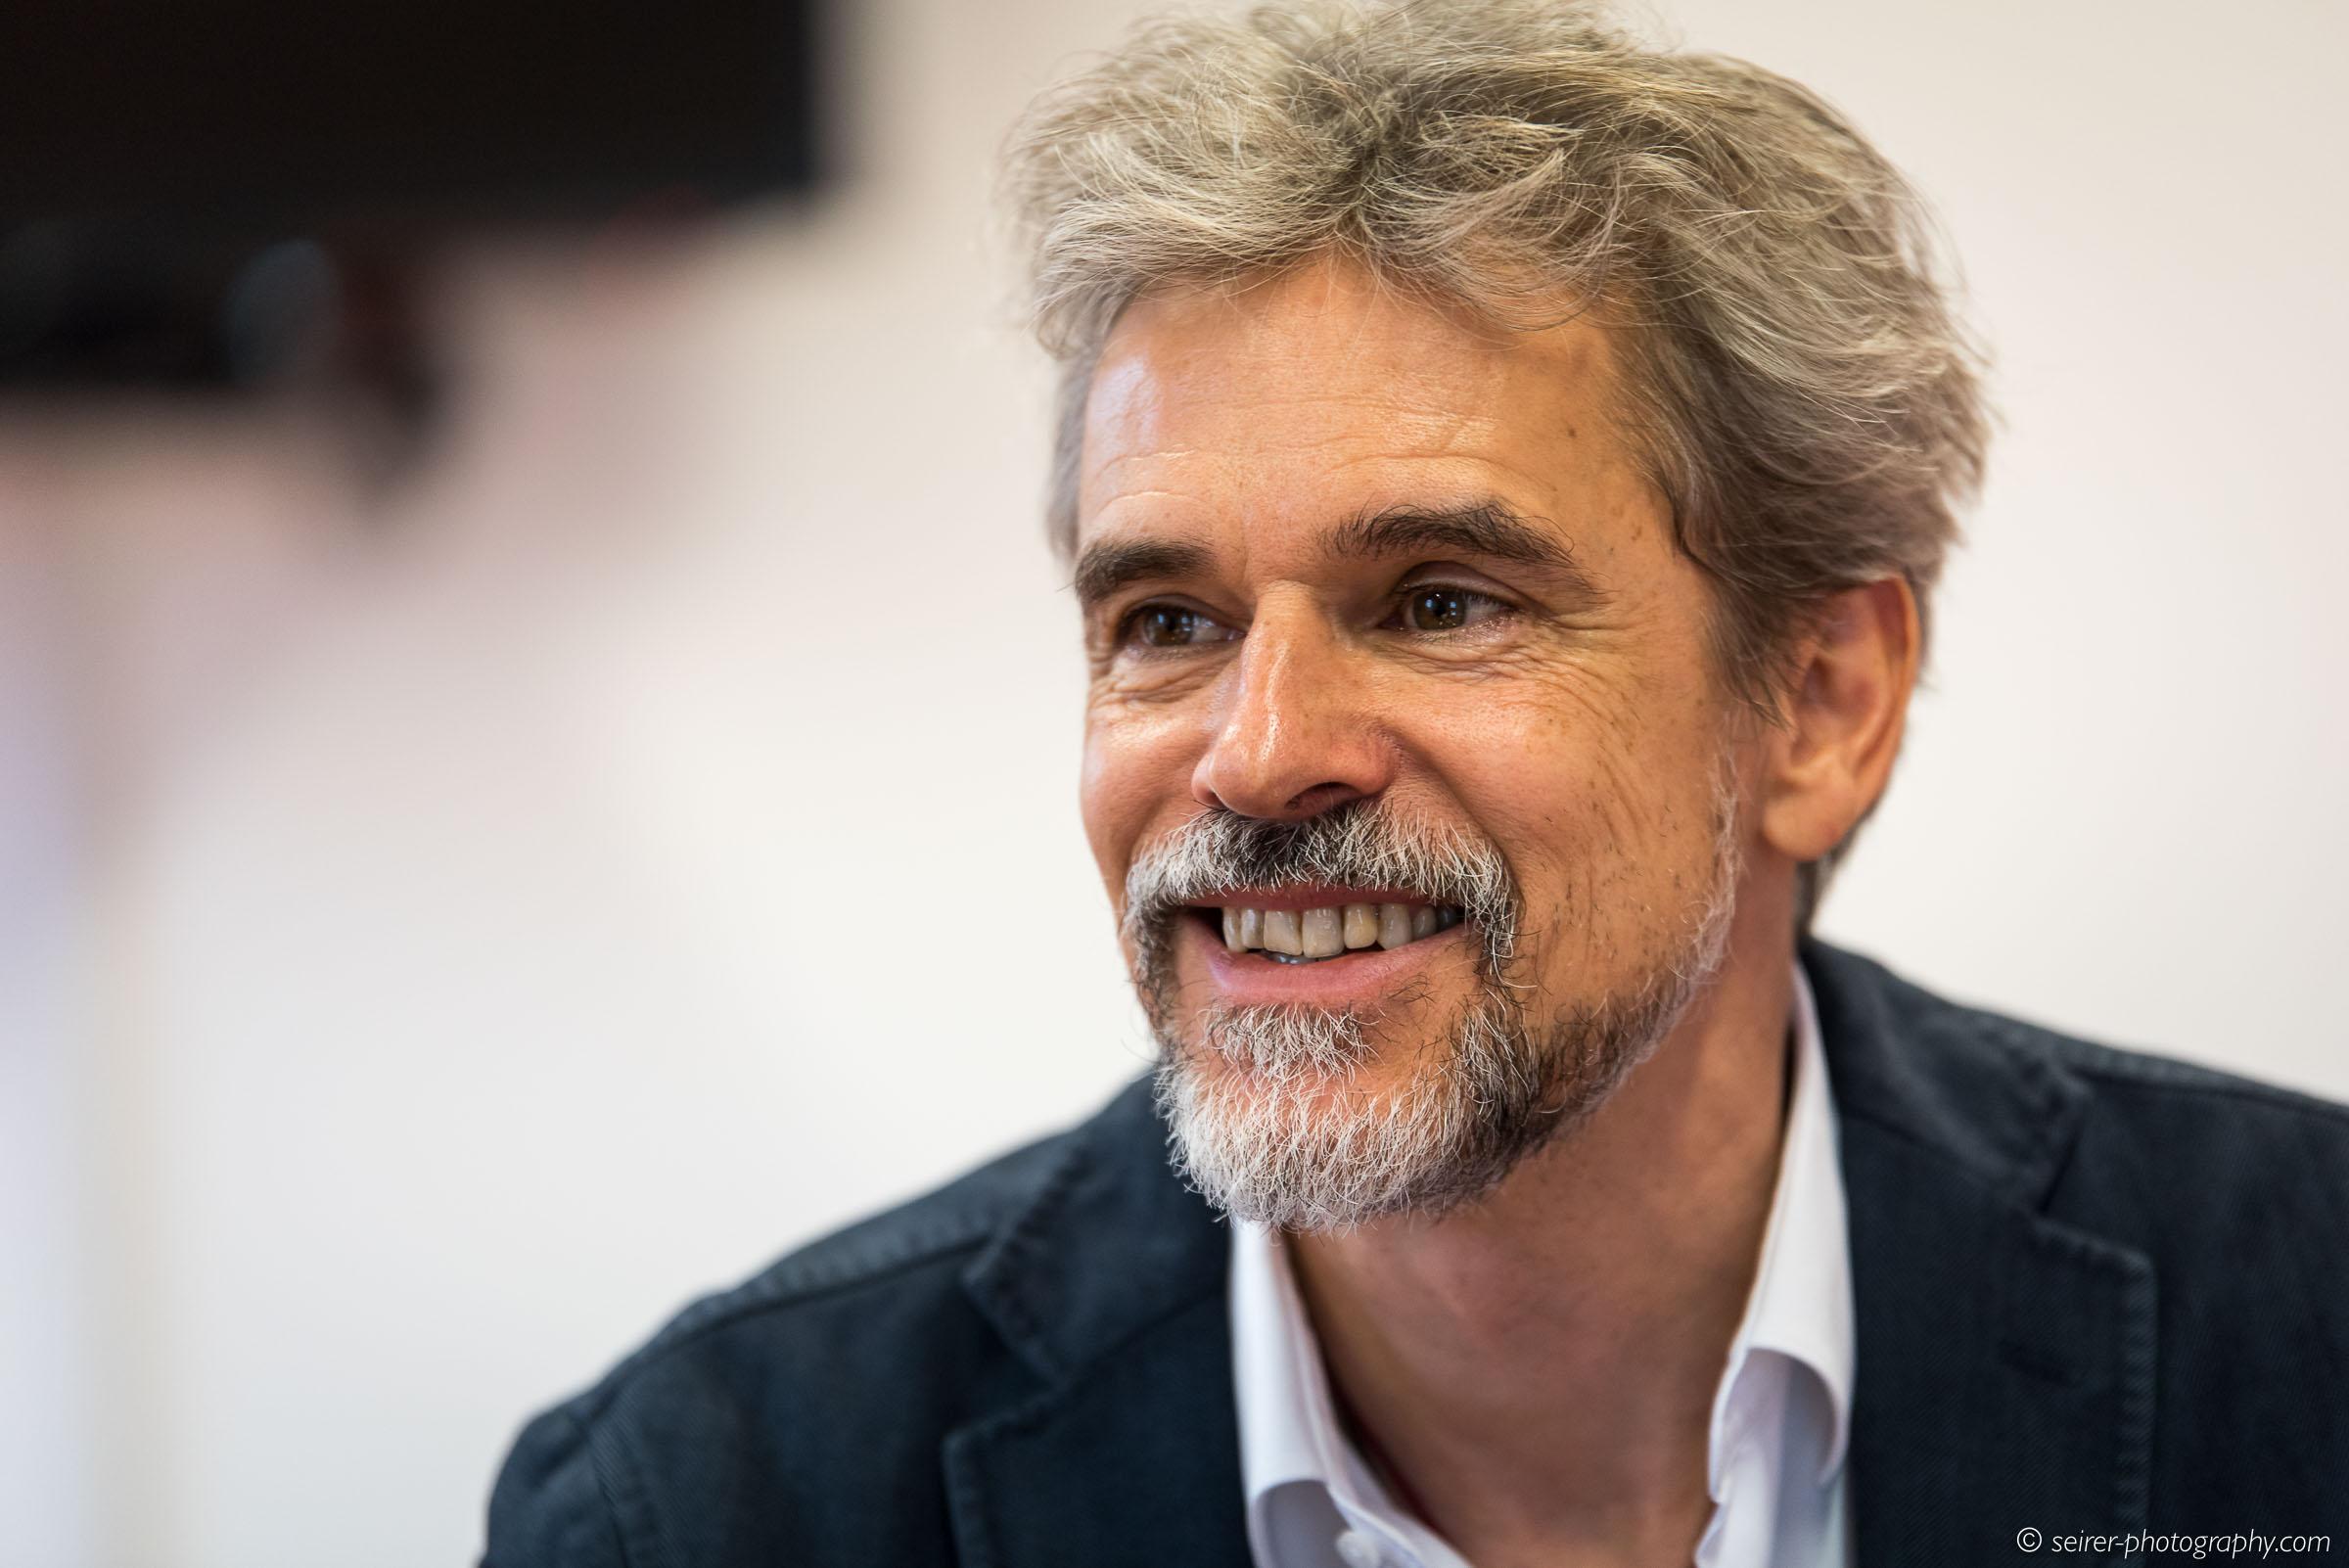 Thomas Brezina im Interview mit Stefan Cernohuby (Janetts Meinung)